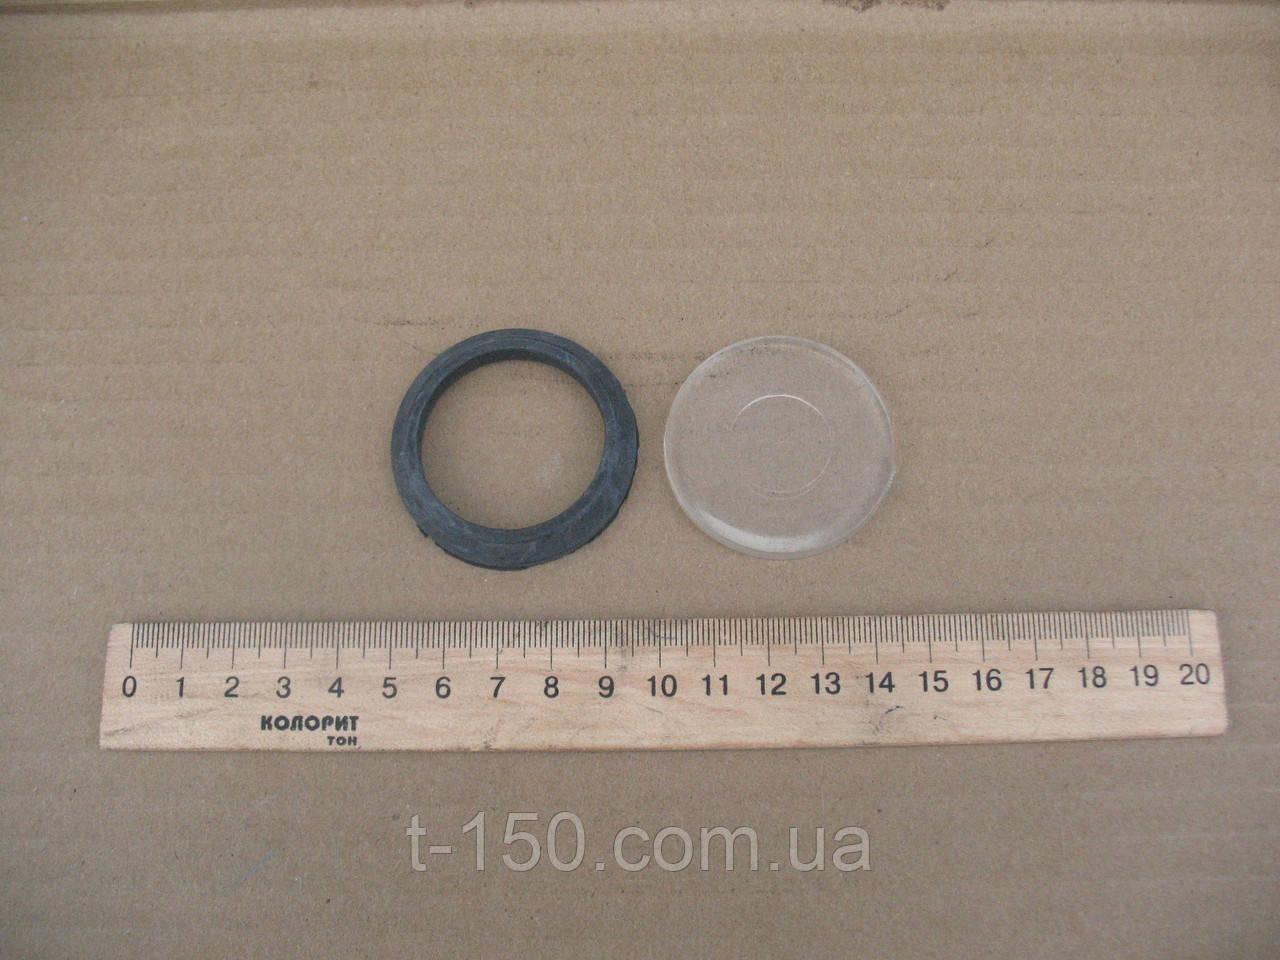 Окошко смотровое с кольцом (150.57.181-1)